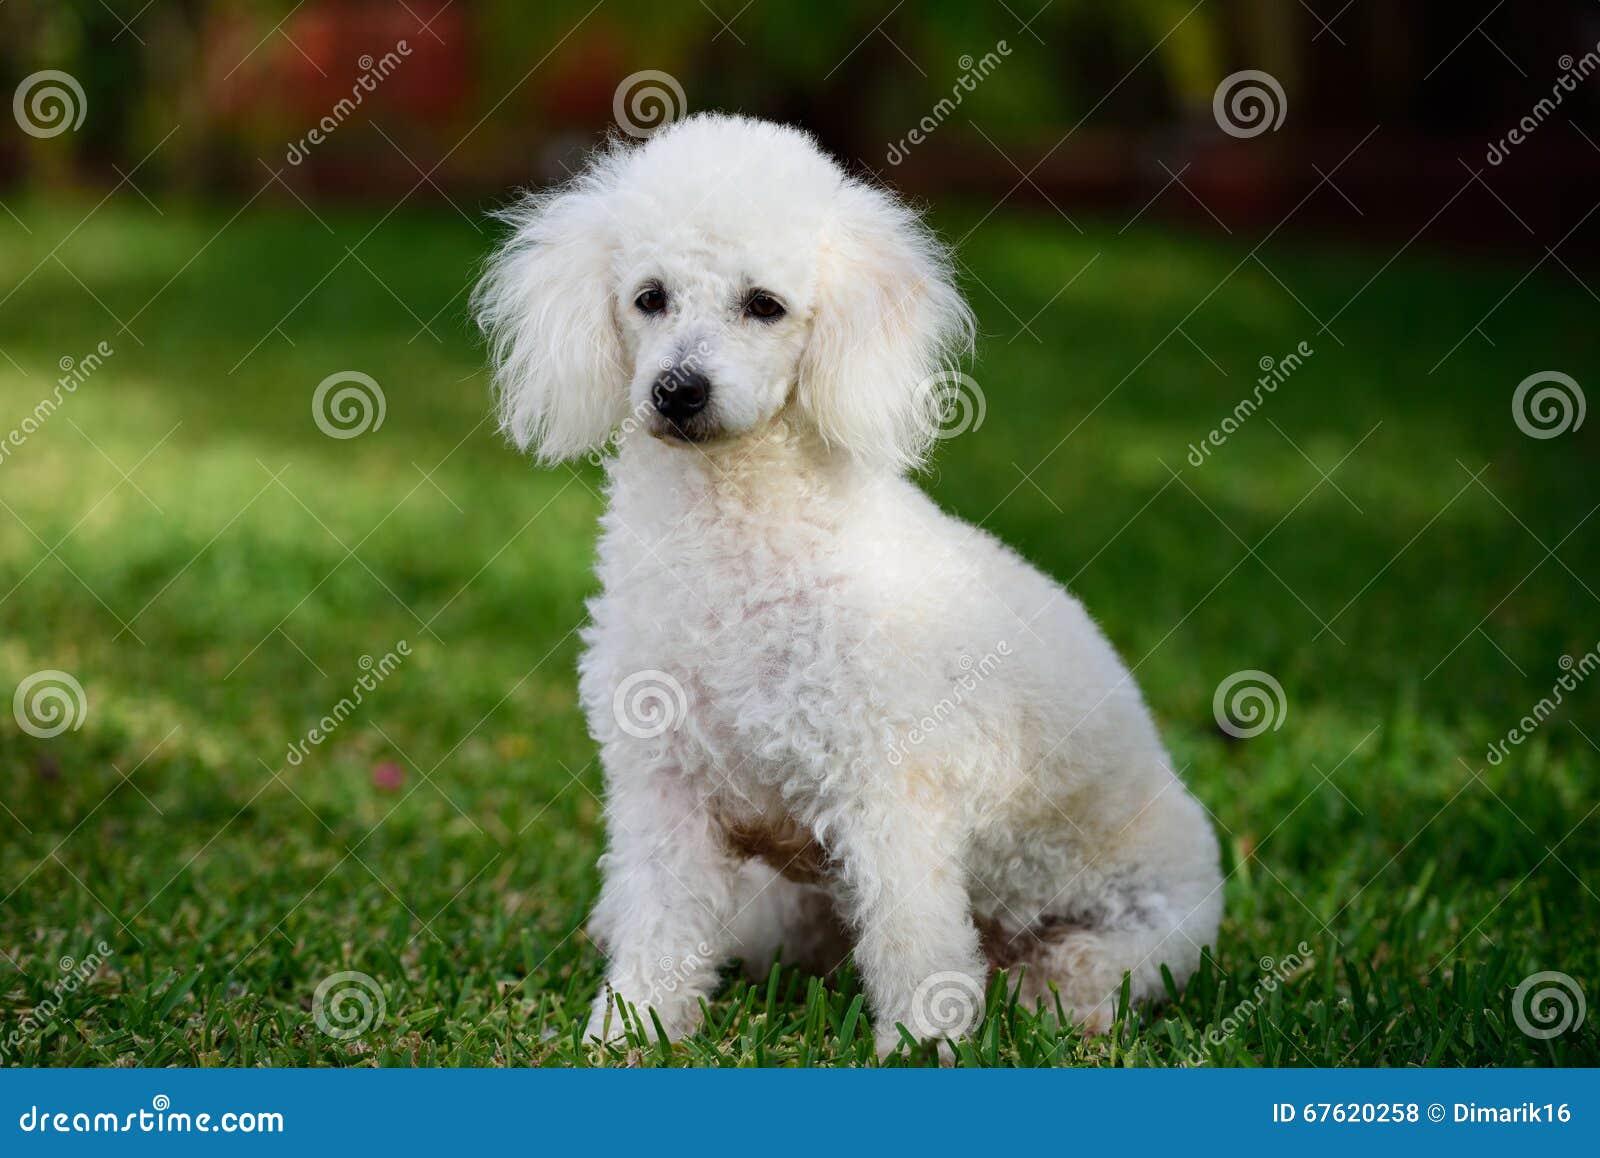 Poodle sit in park